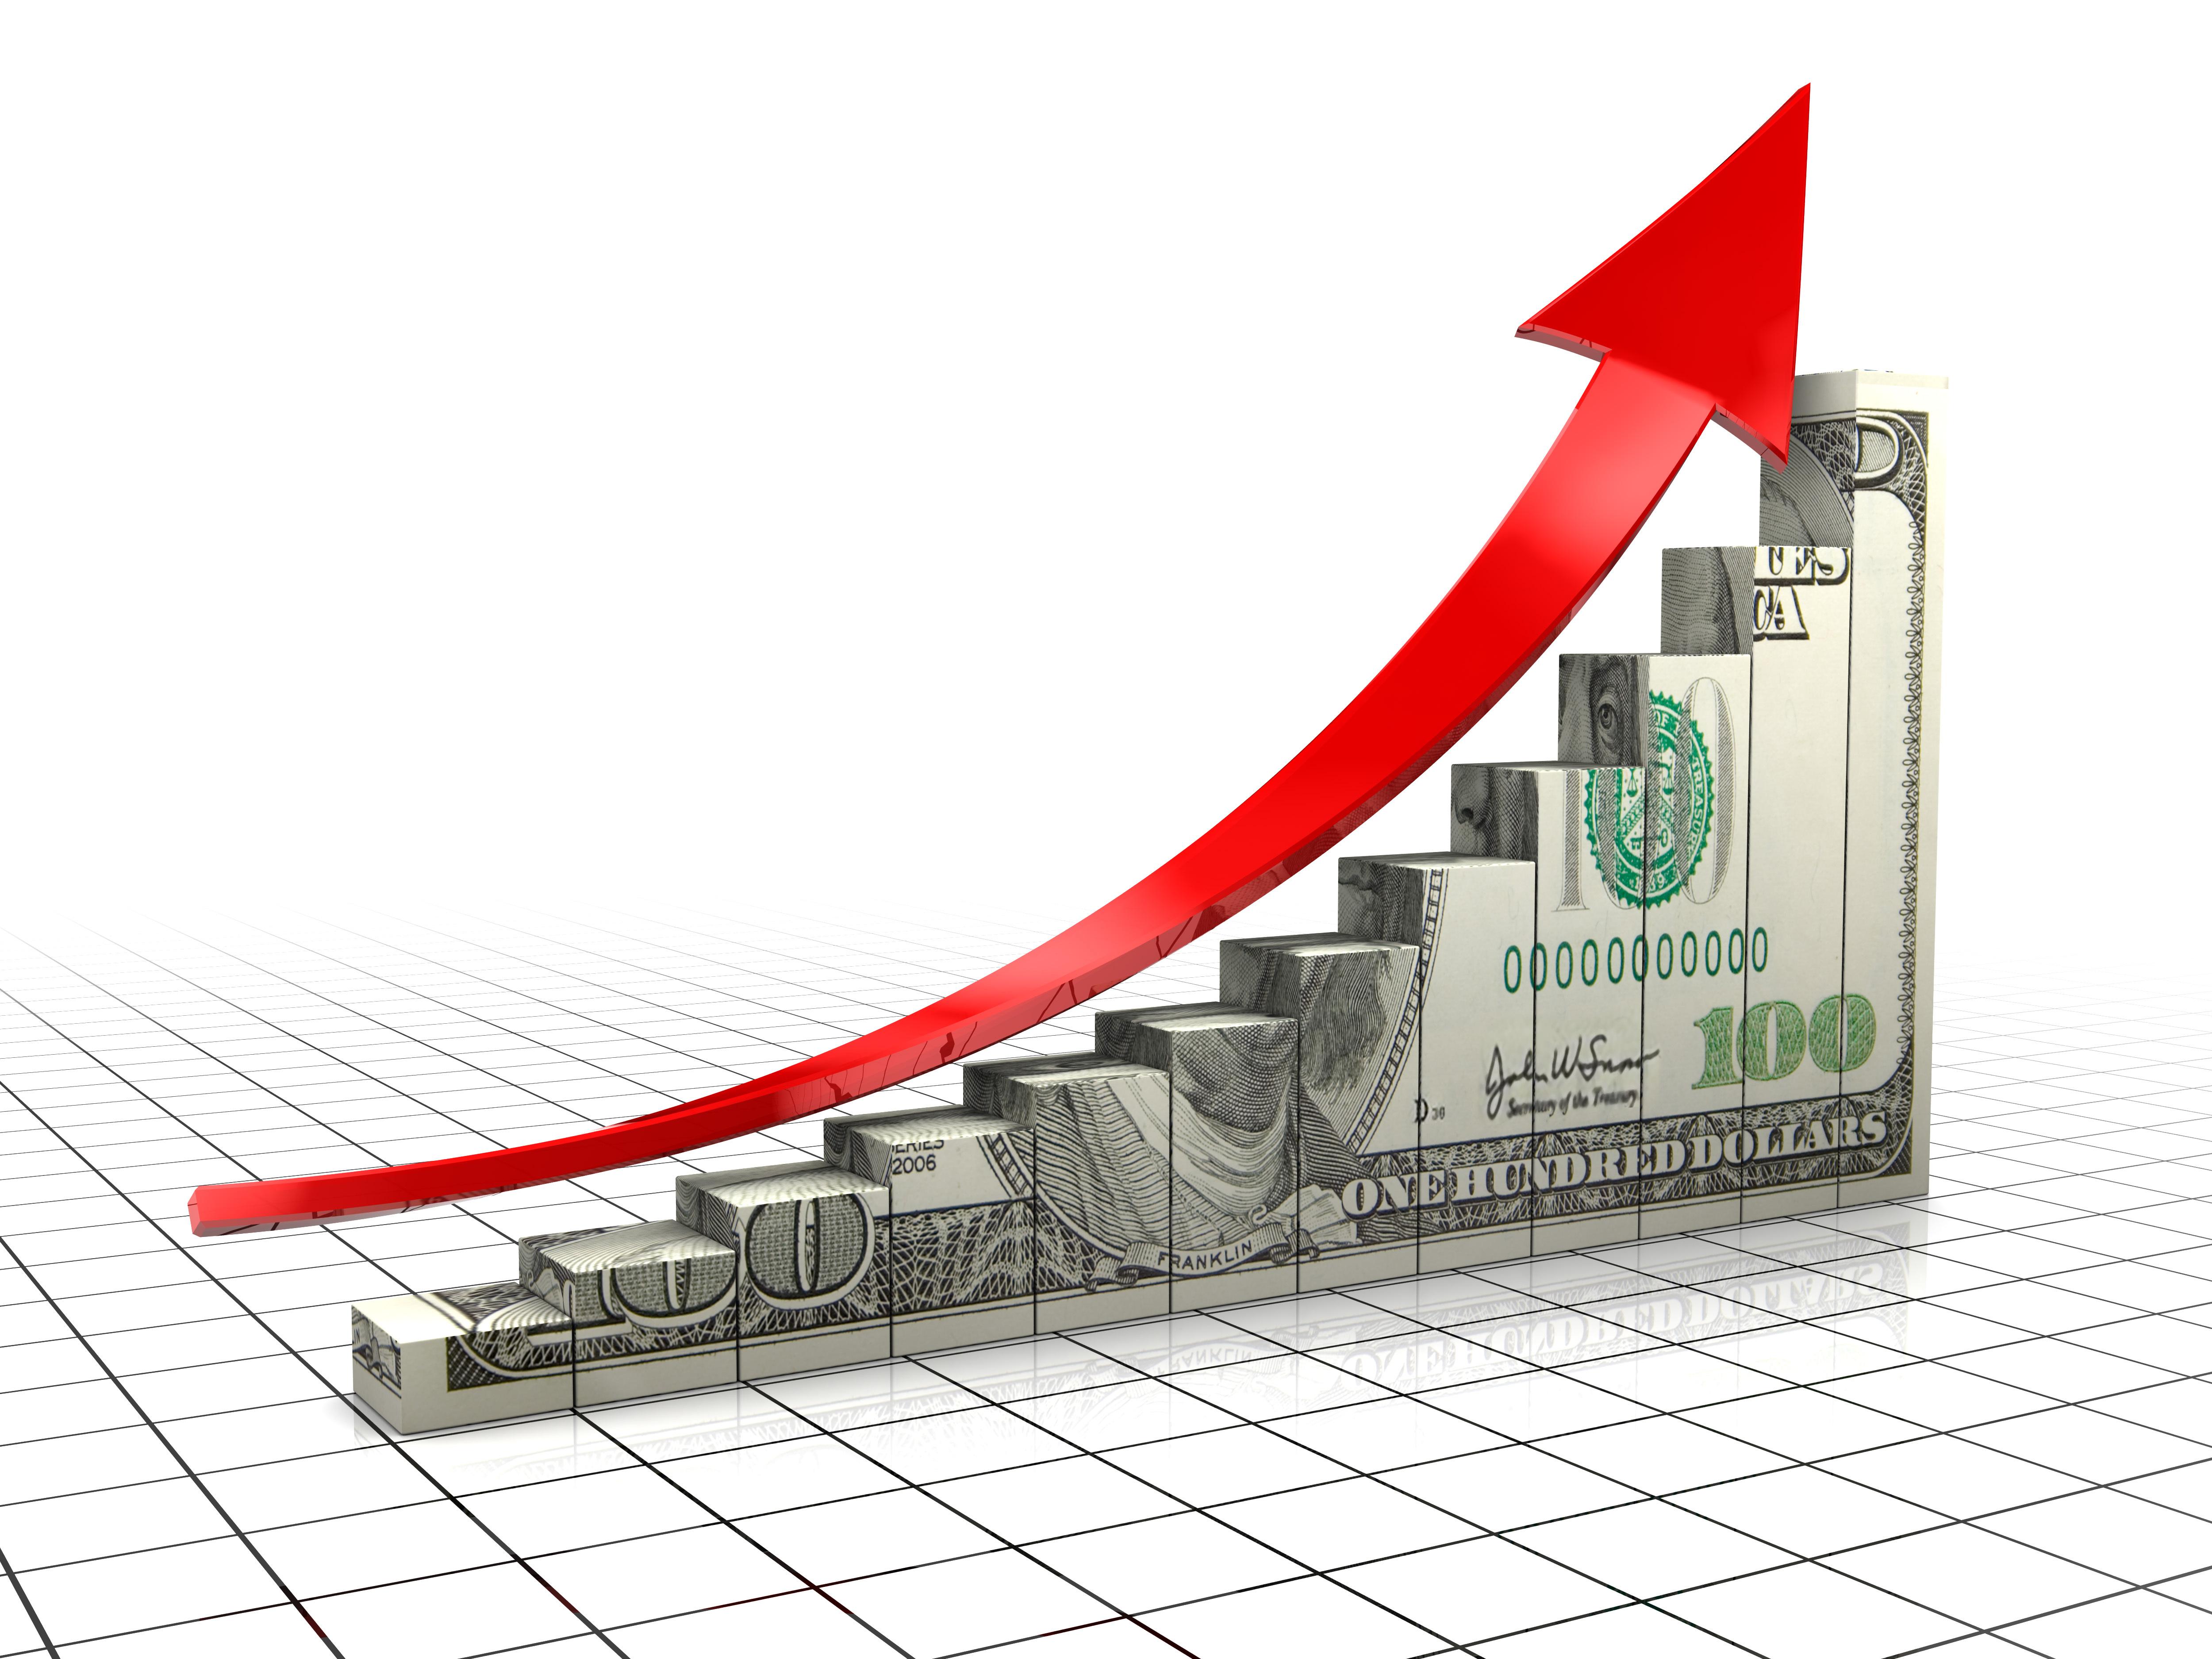 Почему повышается курс доллара в украине